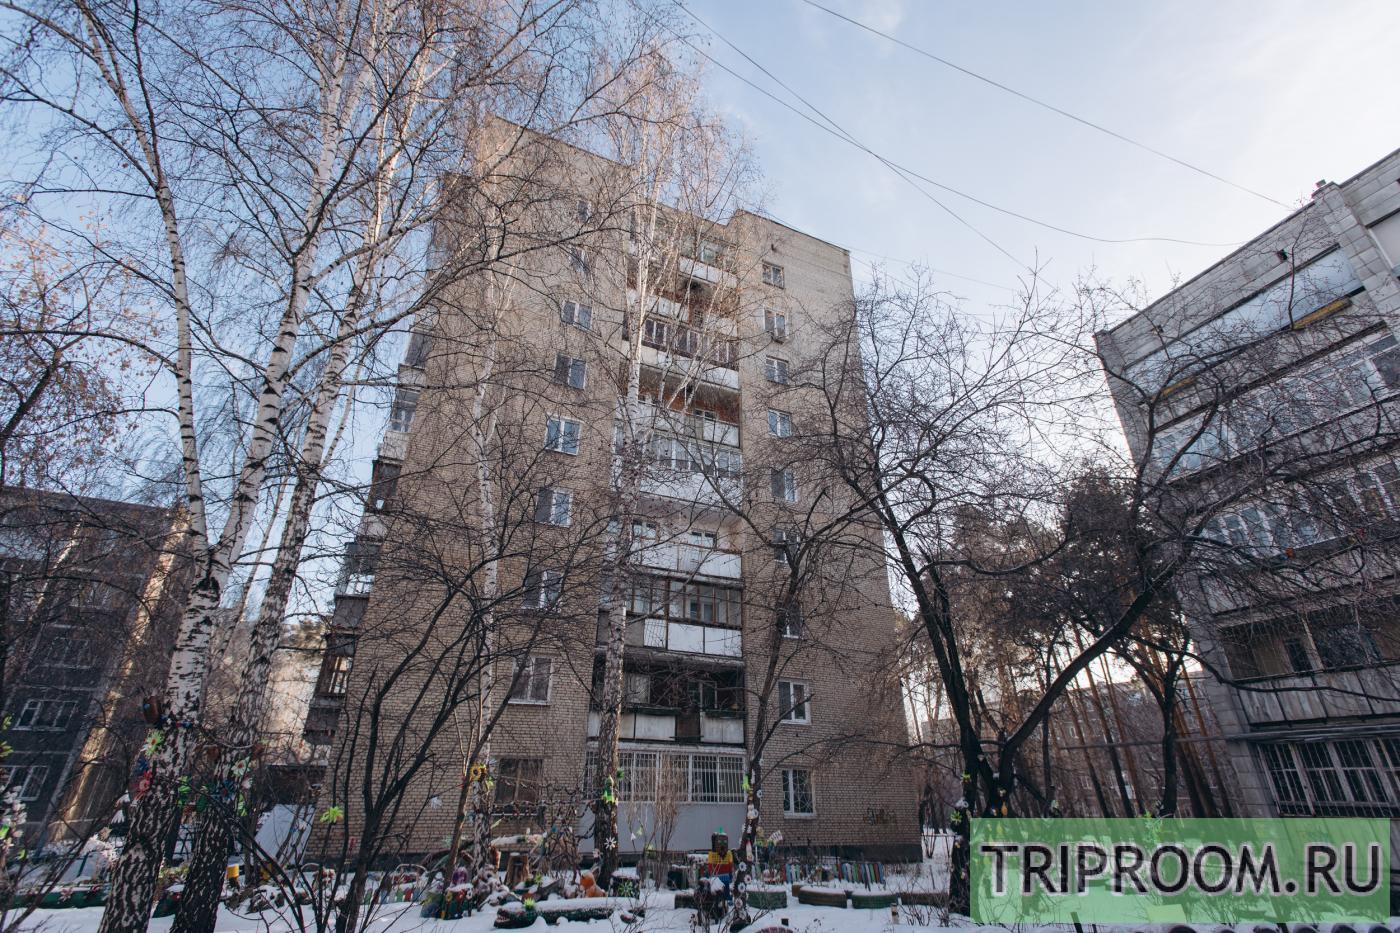 1-комнатная квартира посуточно (вариант № 14750), ул. Белореченская улица, фото № 11